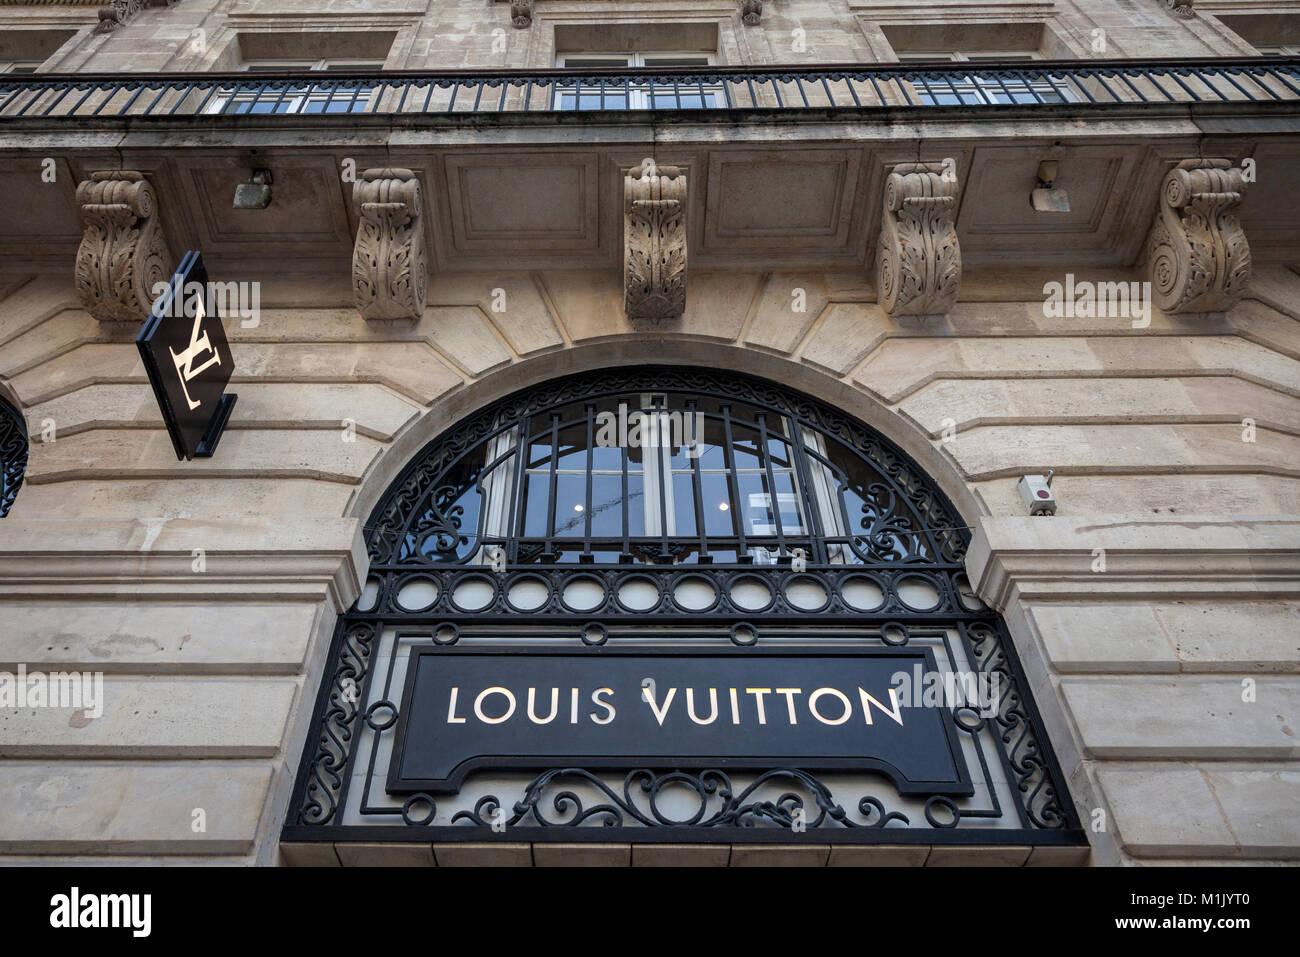 BORDEAUX, FRANCE - DECEMBER 27, 2017: Louis Vuitton Logo on their local shop in Bordeaux.  Louis Vuitton is a fashion - Stock Image